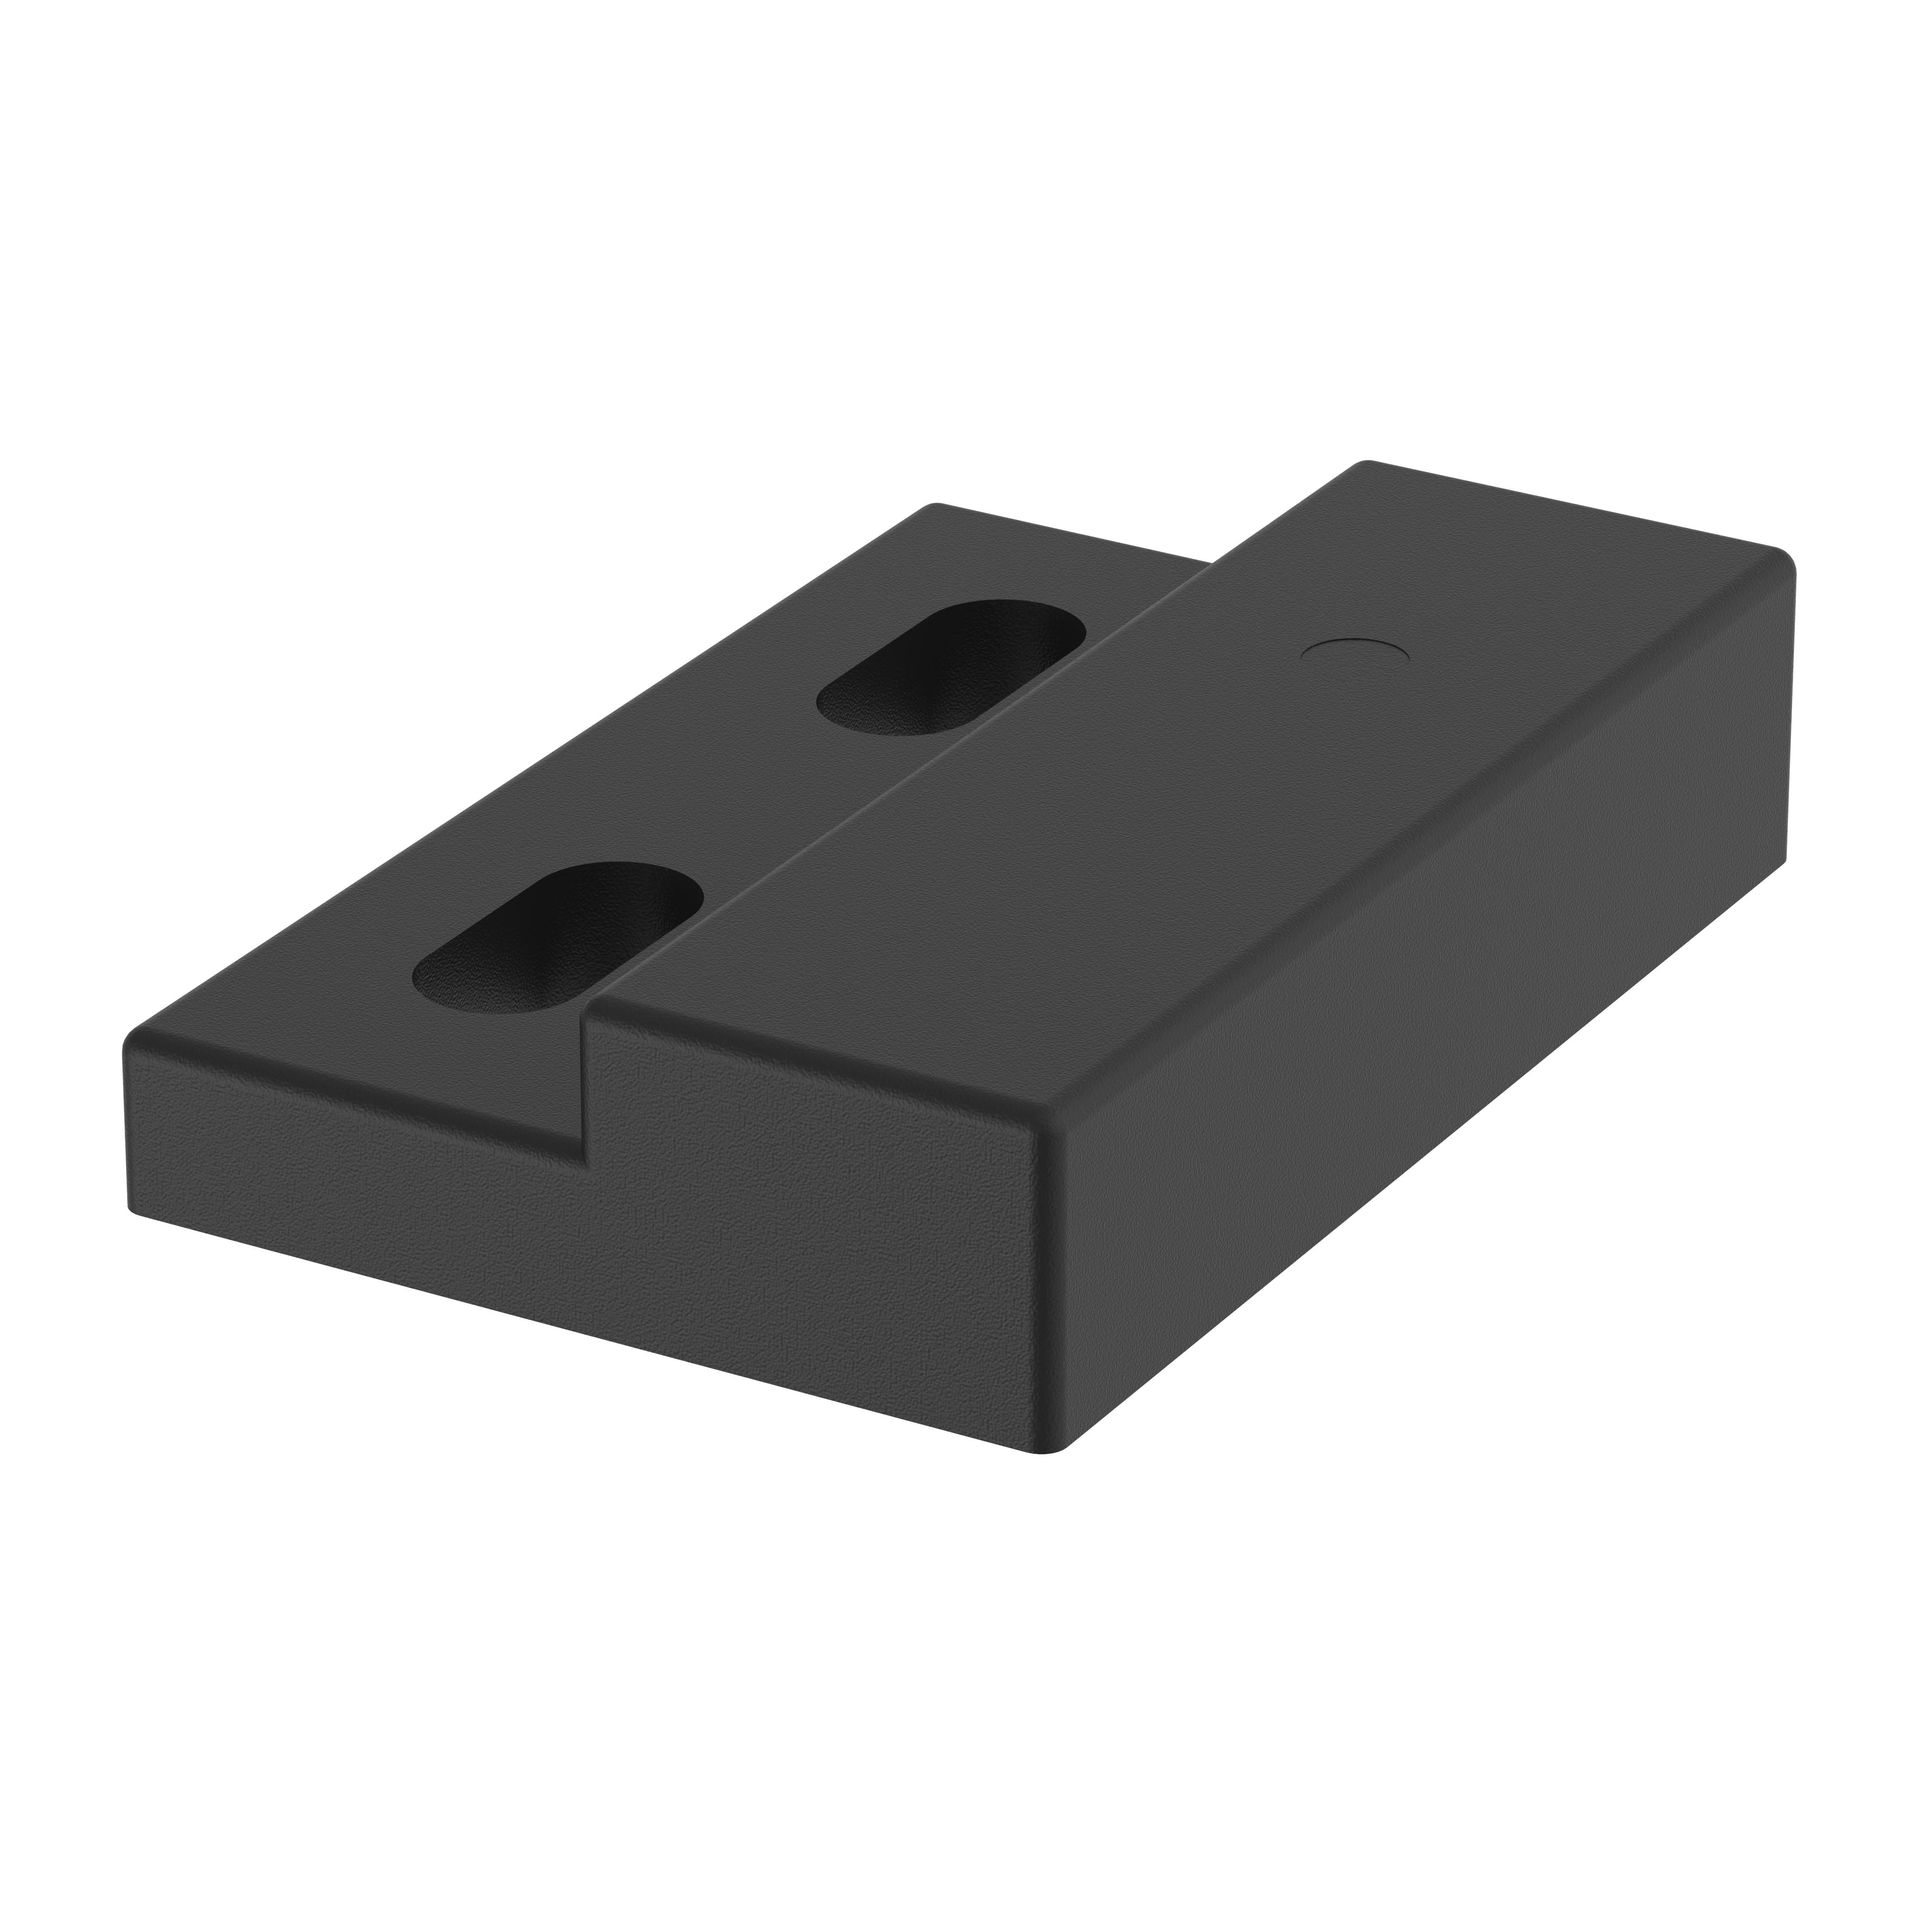 Magnet / Betätiger - AlNiCo-Magnet Ø 5x24mm - 324SG001S